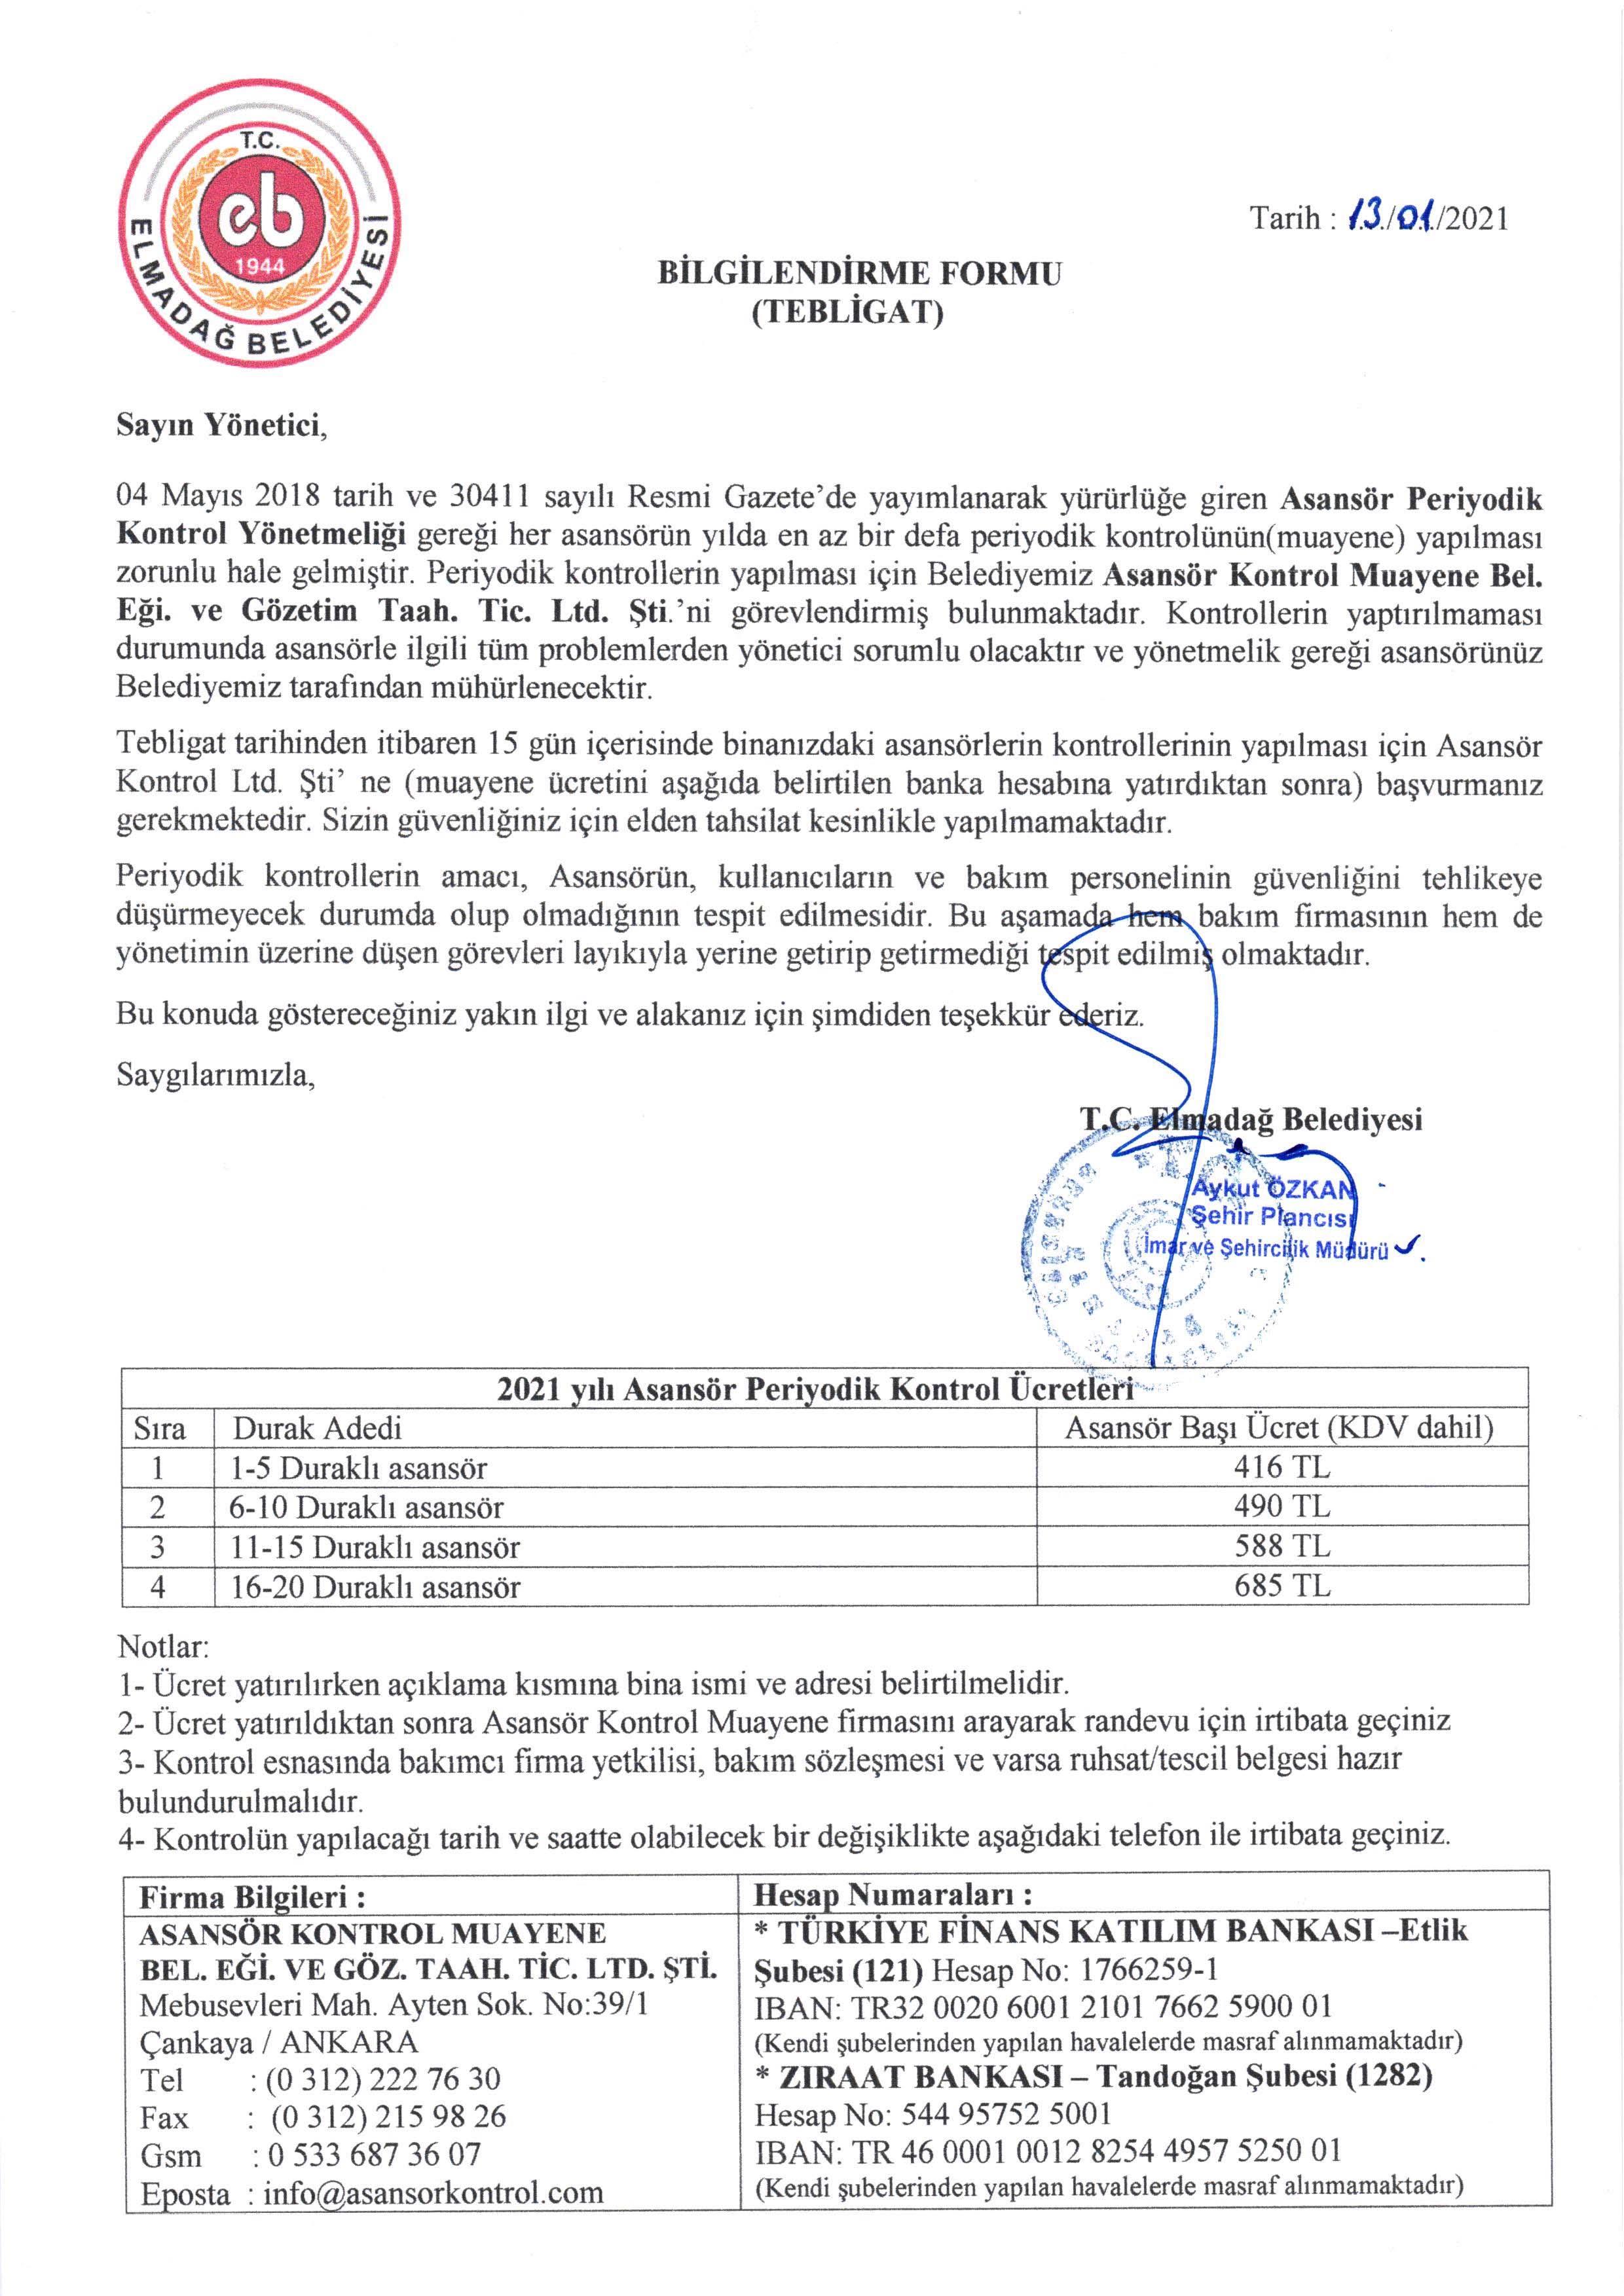 2021 Yılı Asansör Periyodik Kontrol Ücretleri